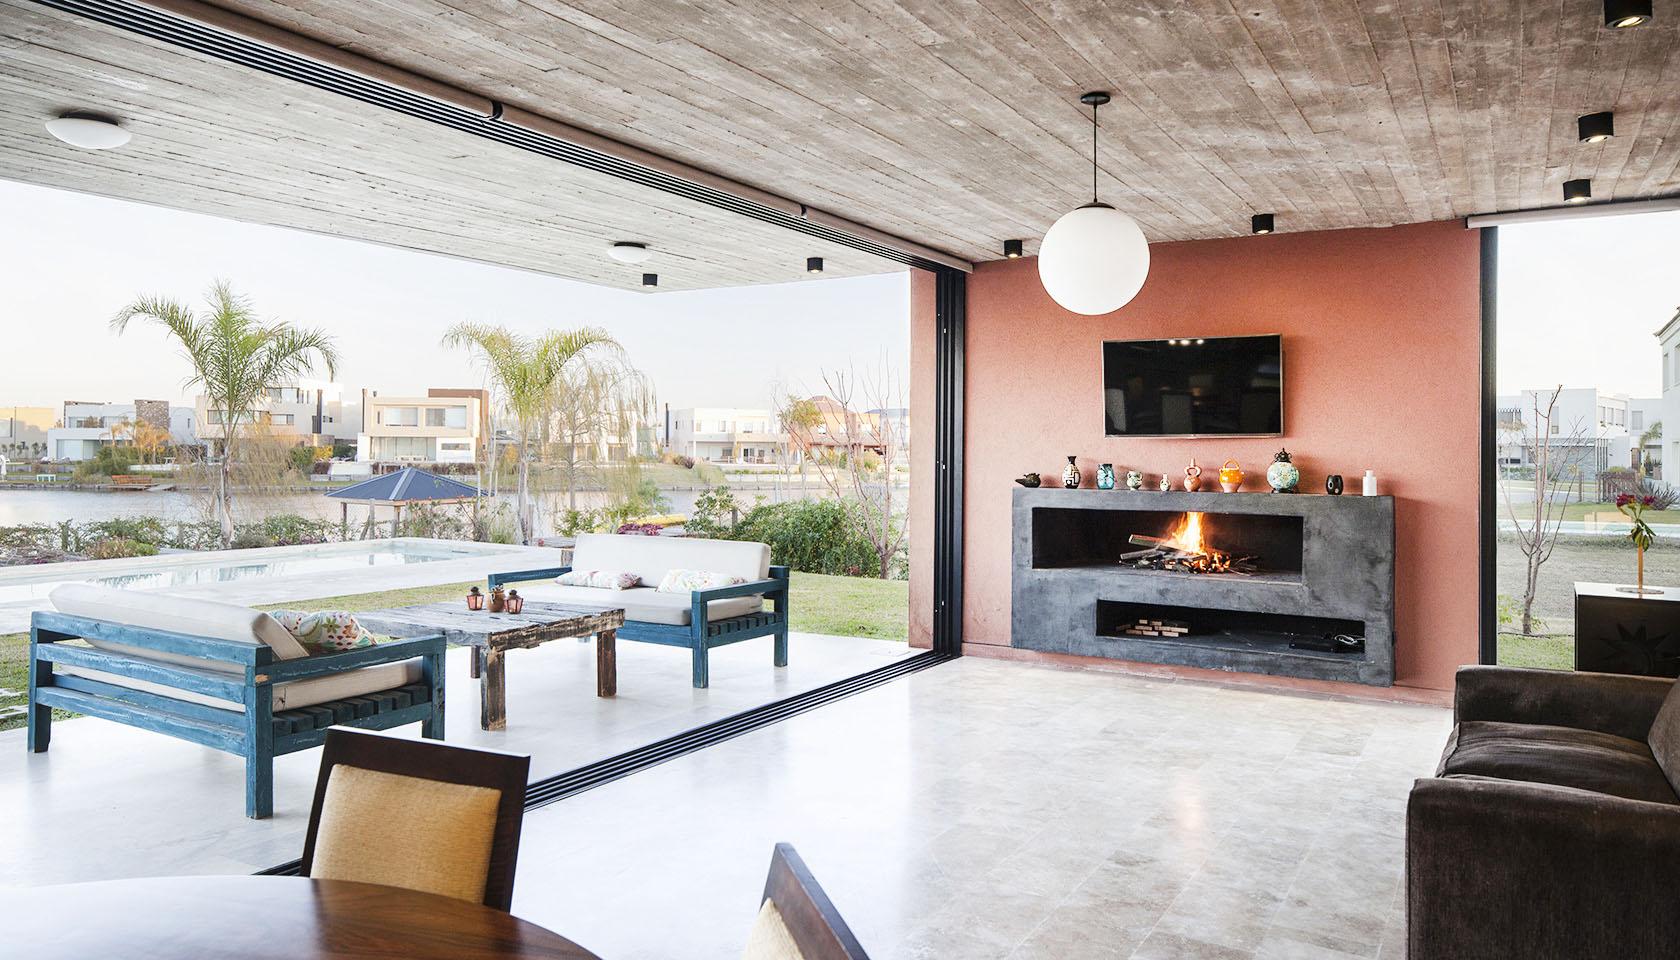 casas con visuales al lago, arquitectura y paisaje, grandes ventanales en casas modernas